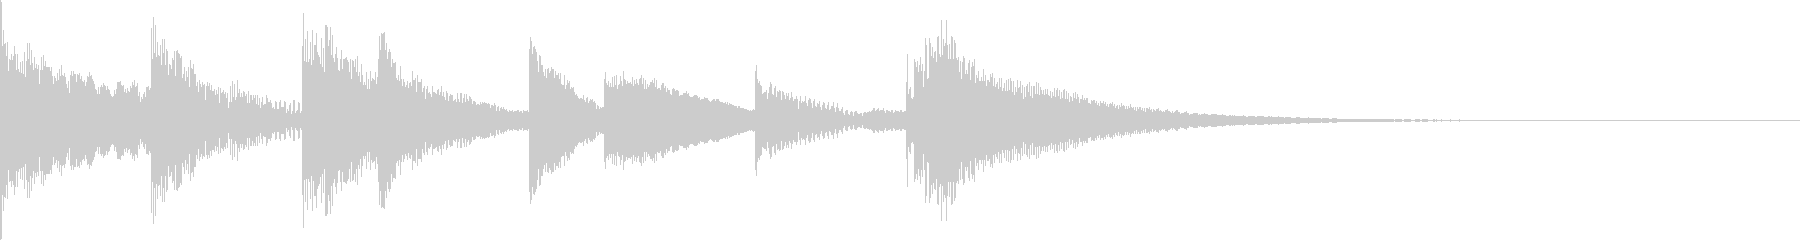 ラジオに合うマリンバの3秒ジングルの未再生の波形